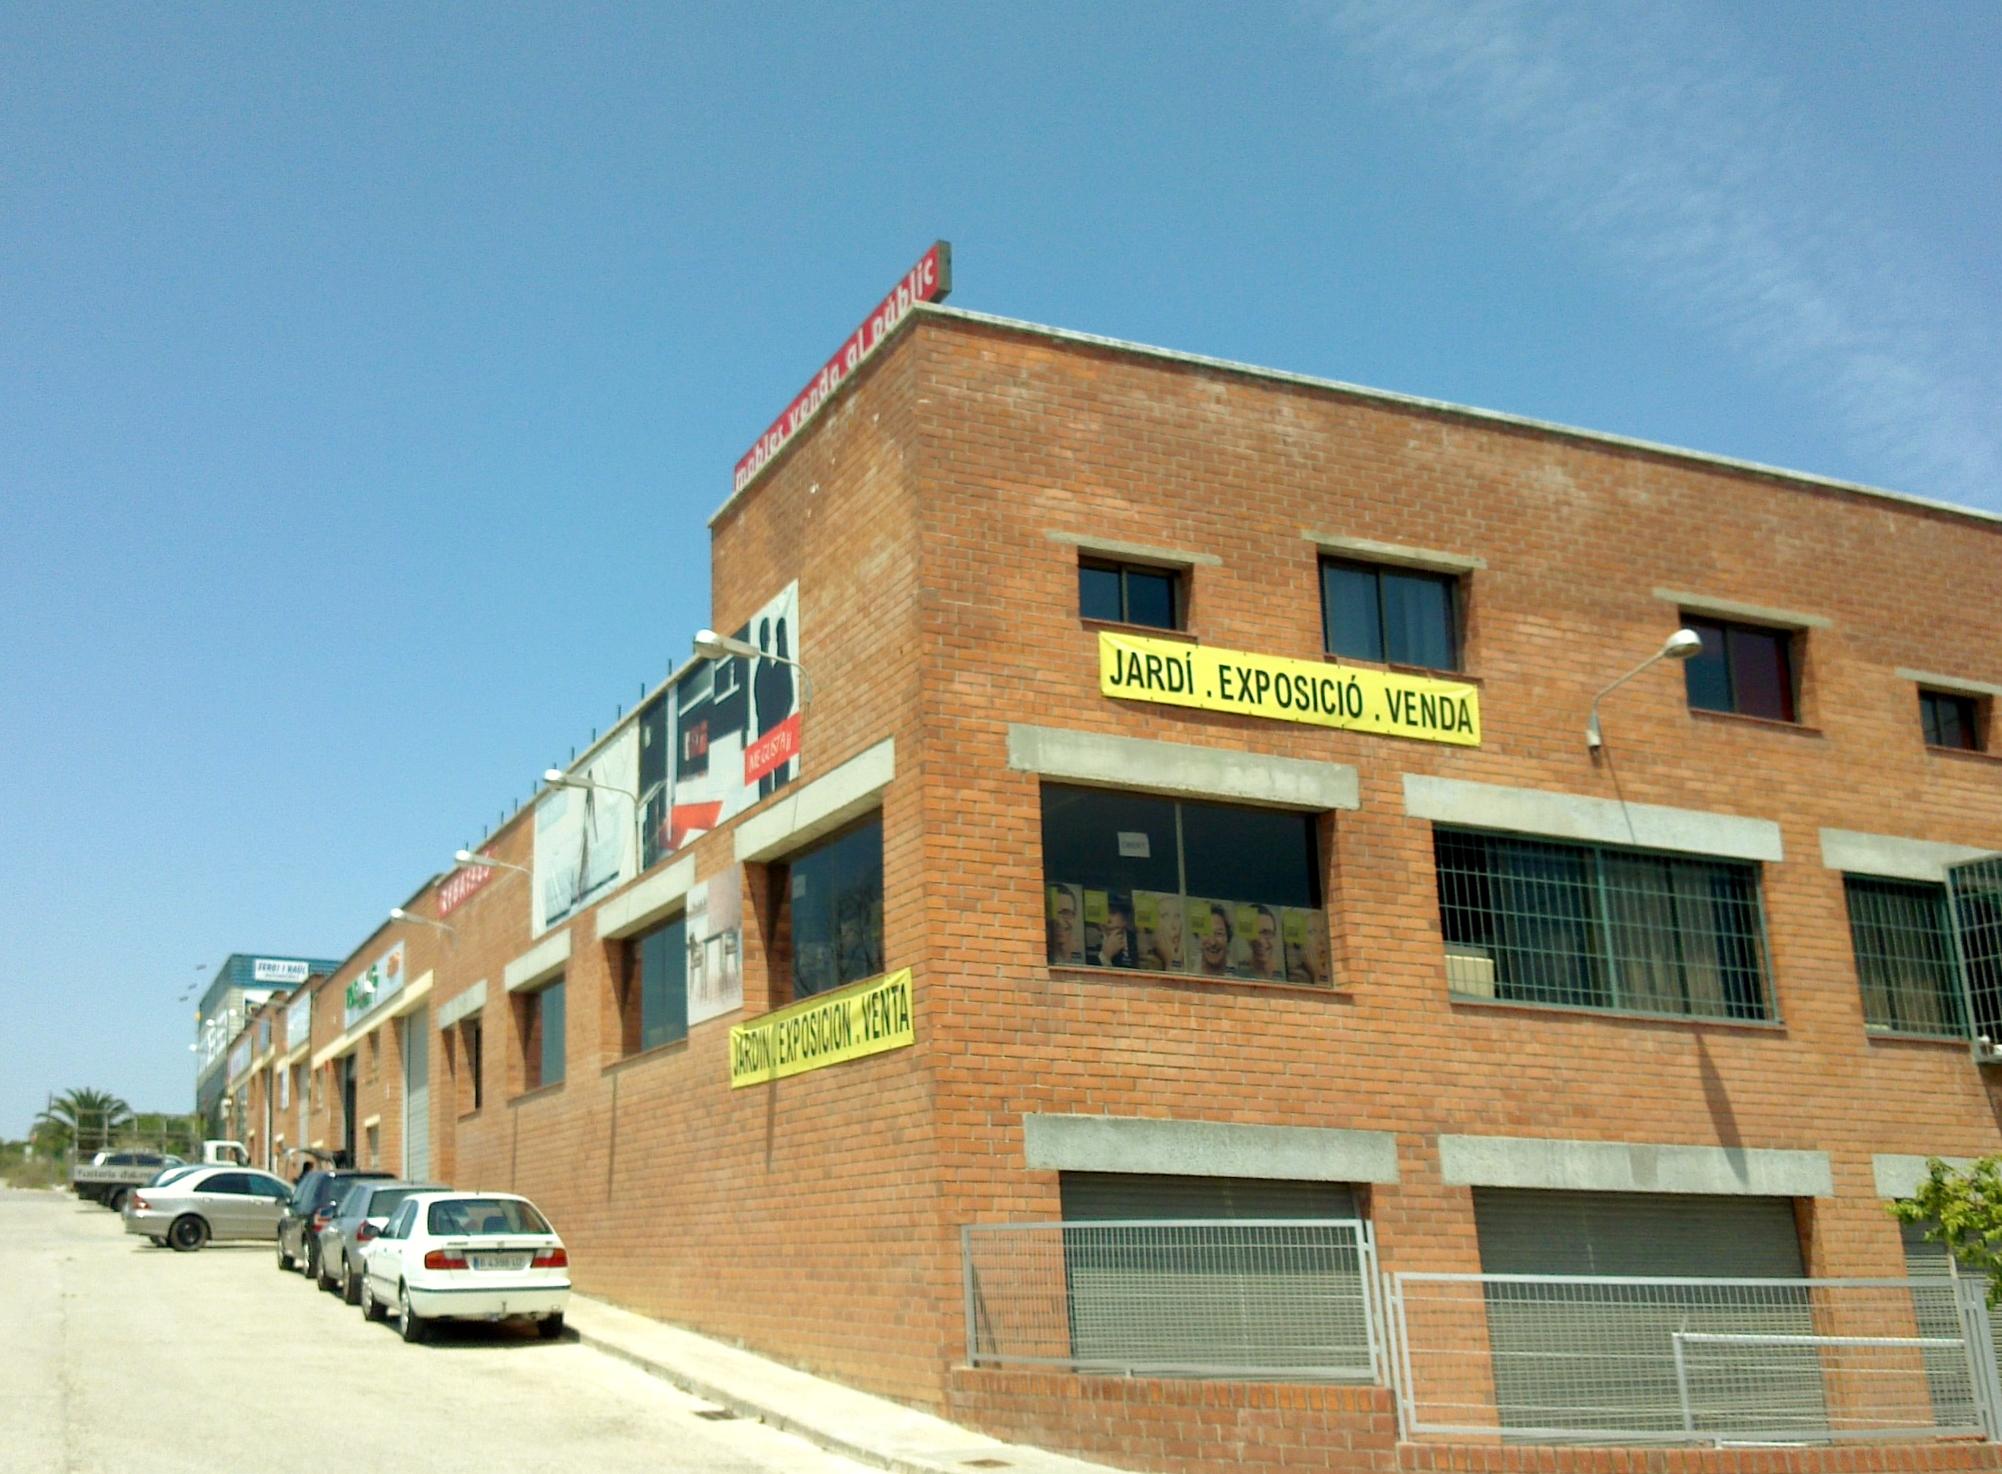 Tiendas Muebles Manresa. Top Ofertas De El Corte Ingls With Tiendas ...